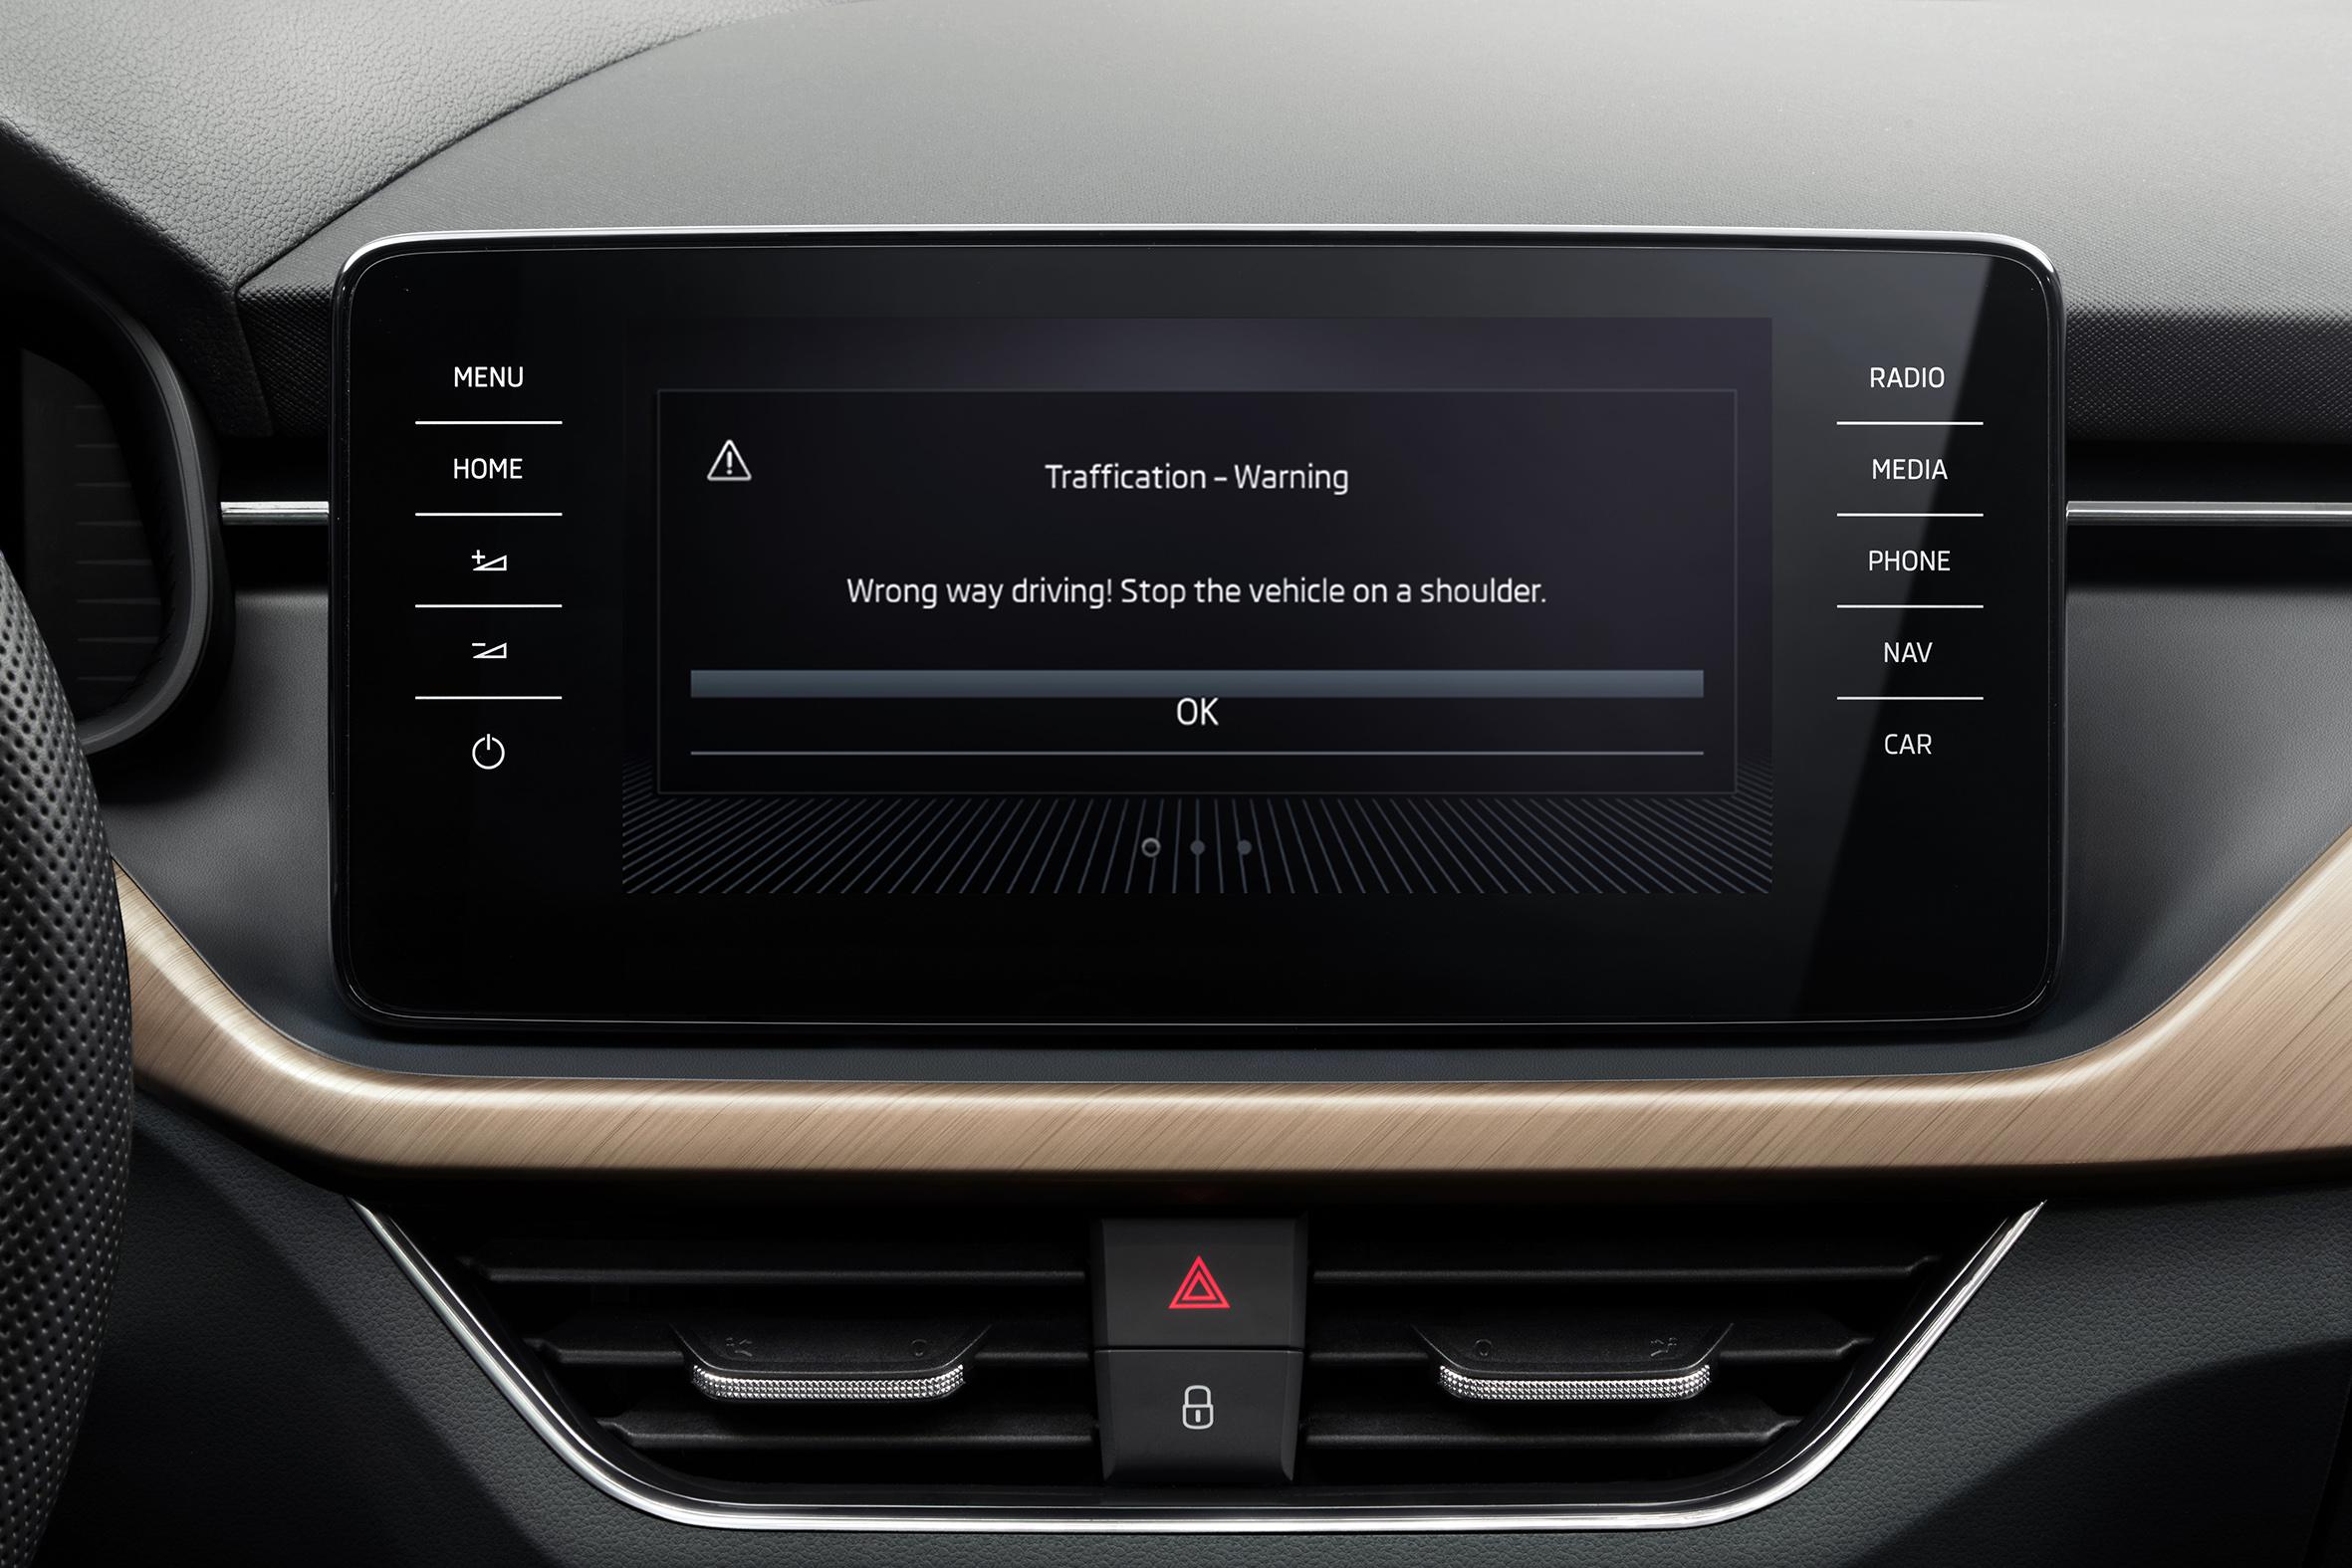 Systém varující řidiče v jízdě ve špatném směru je nyní součástí vozidel značky ŠKODA